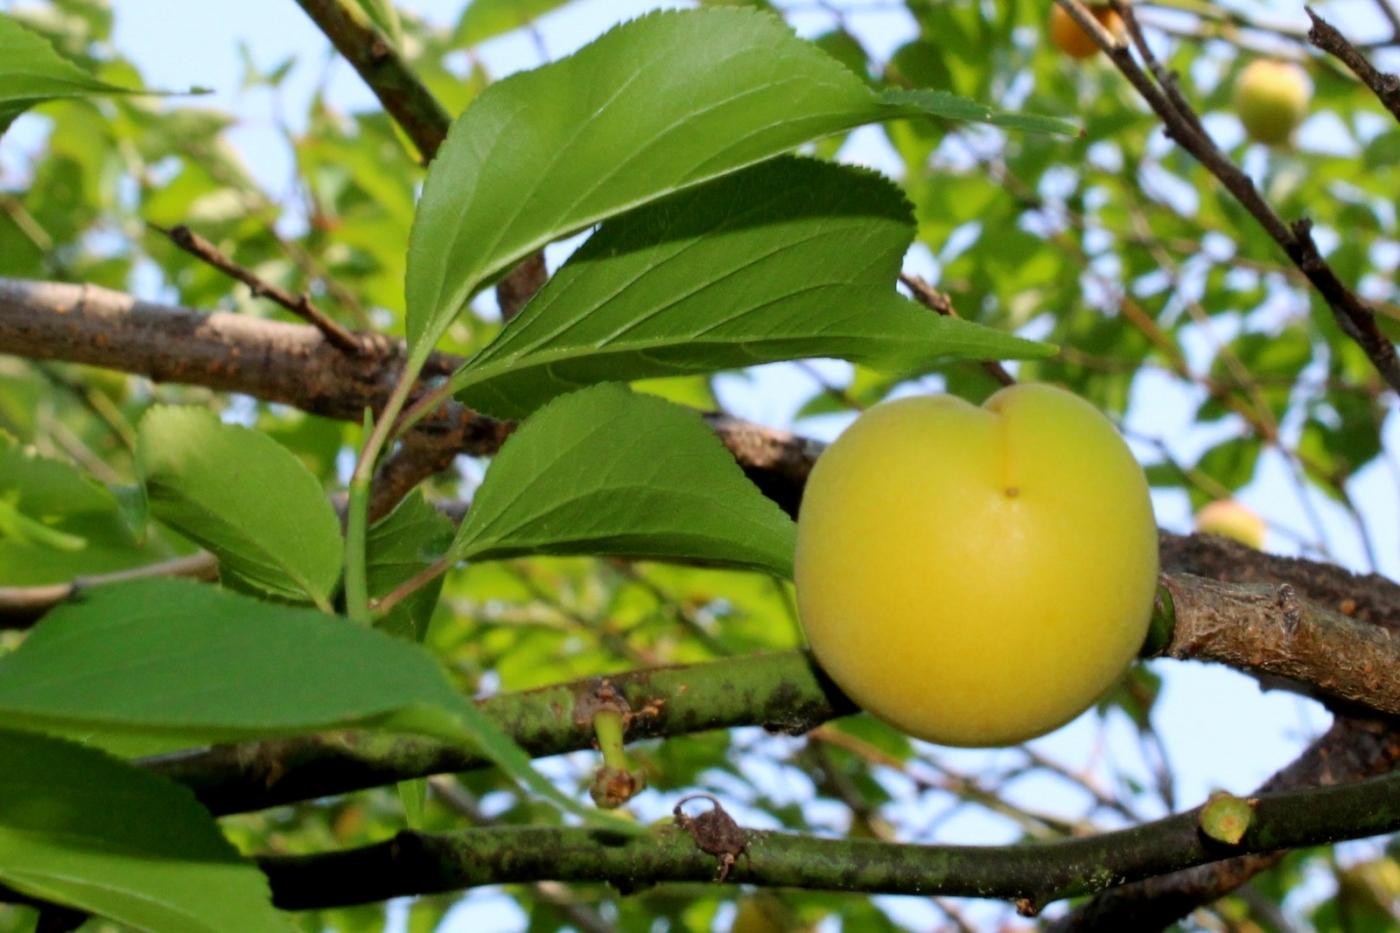 梅花的果实_图1-5